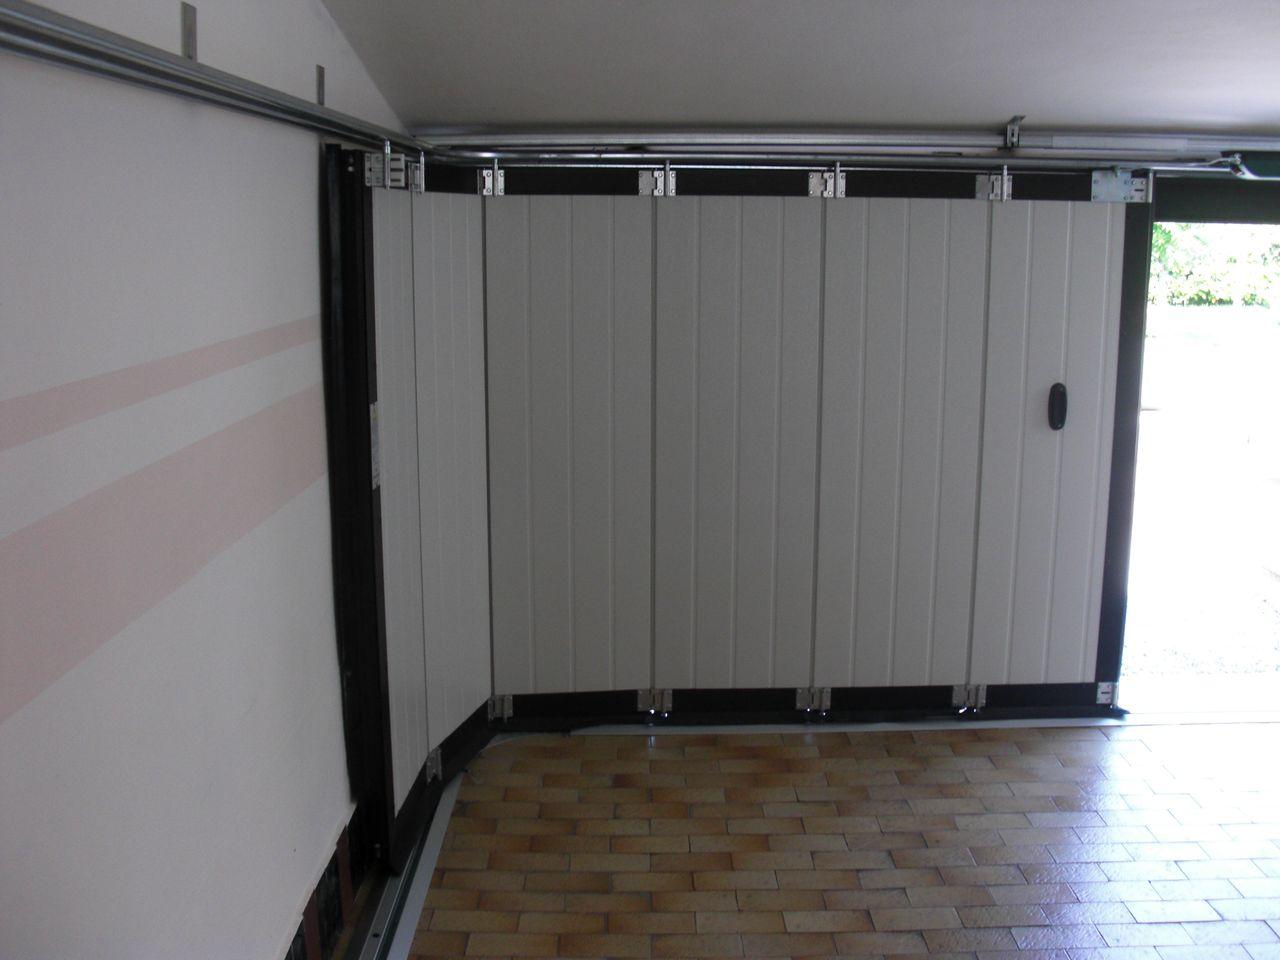 Porte sezionali scorrevoli laterali De Biasi Mantova, Modena, Reggio Emilia, Verona